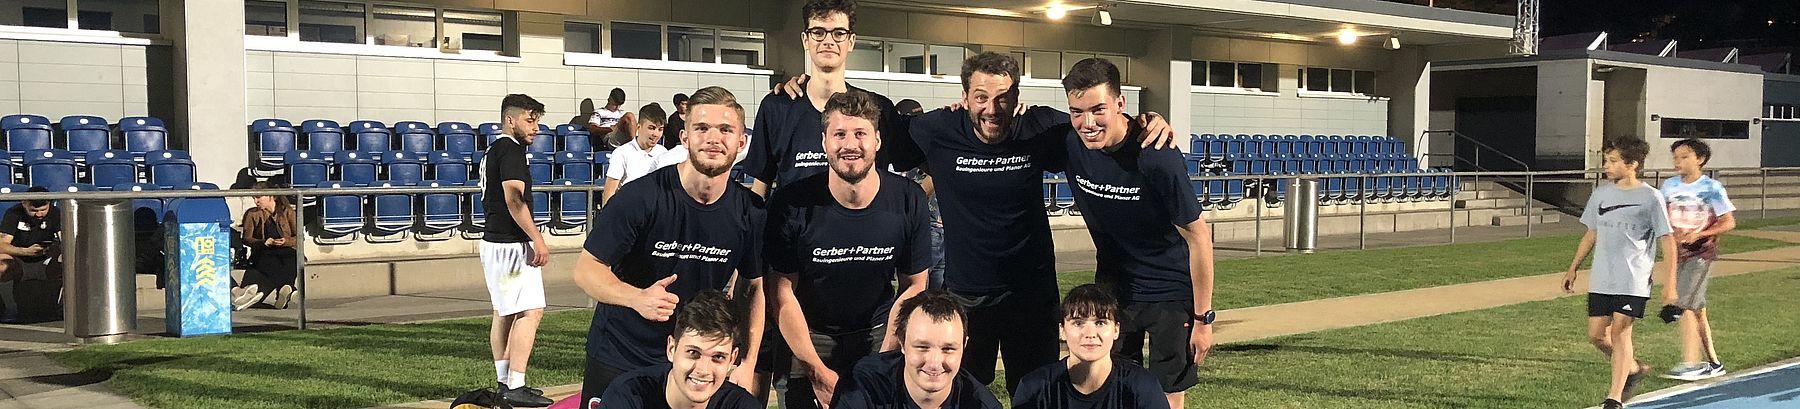 Team GEPA Grümpelturnier 2018 FC Brugg